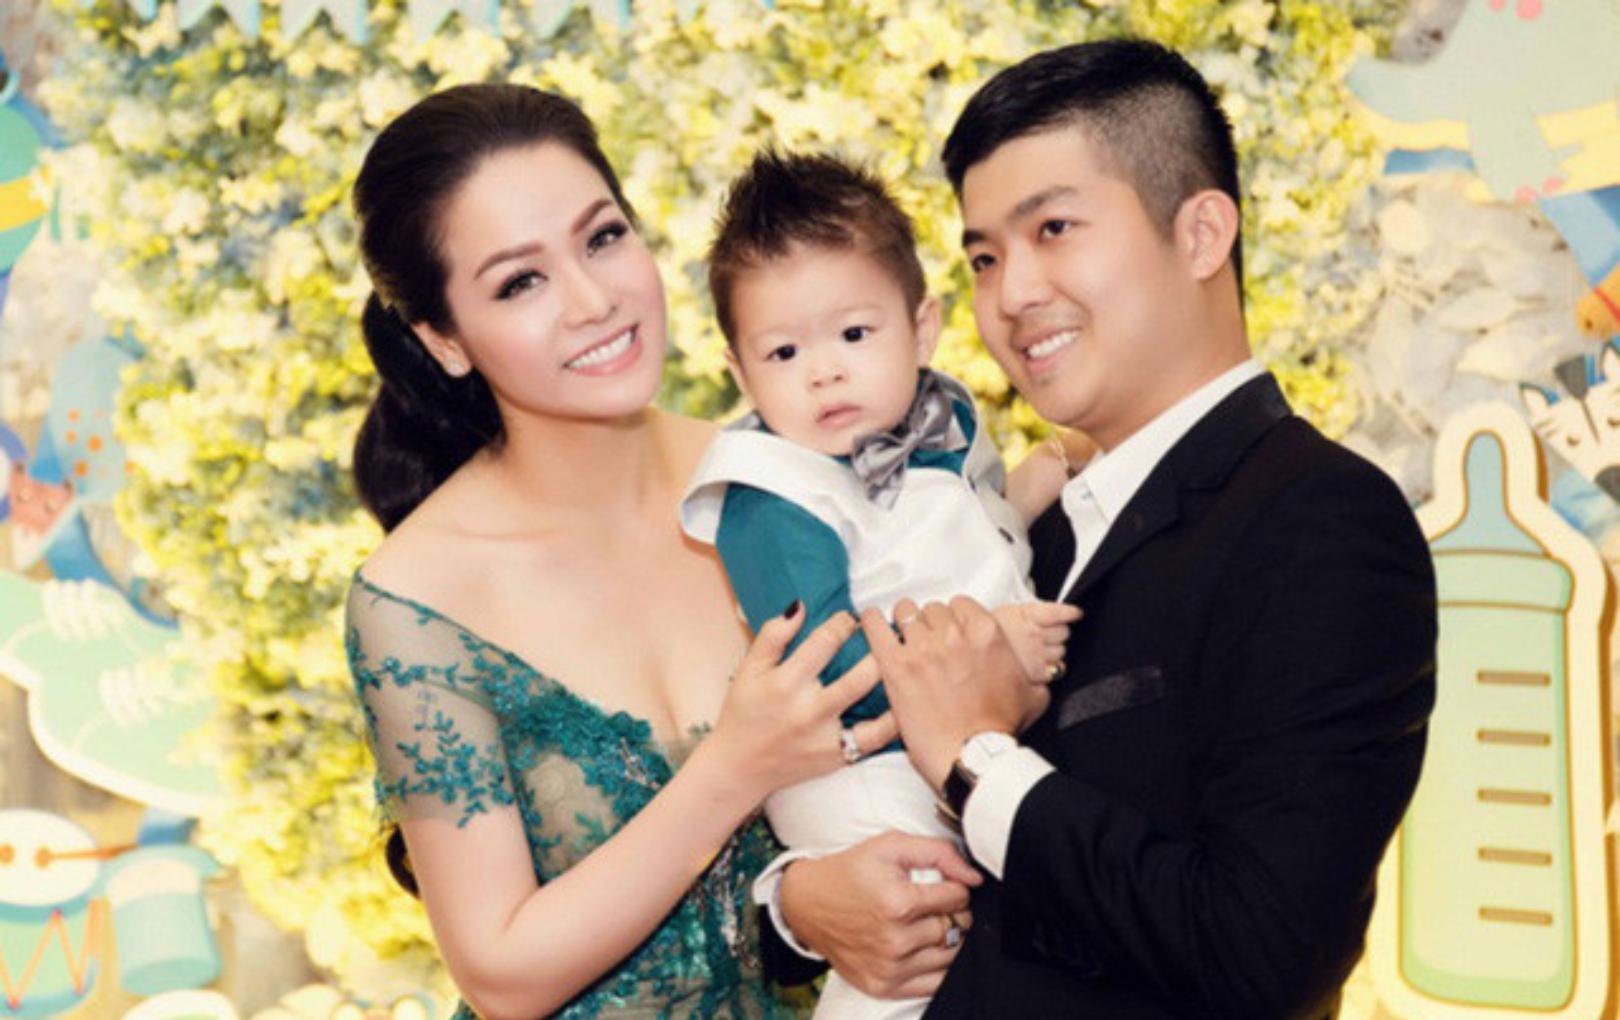 Nỗi khổ không được gặp con của Nhật Kim Anh sau 3 năm li hôn chồng cũ - Ảnh 1.